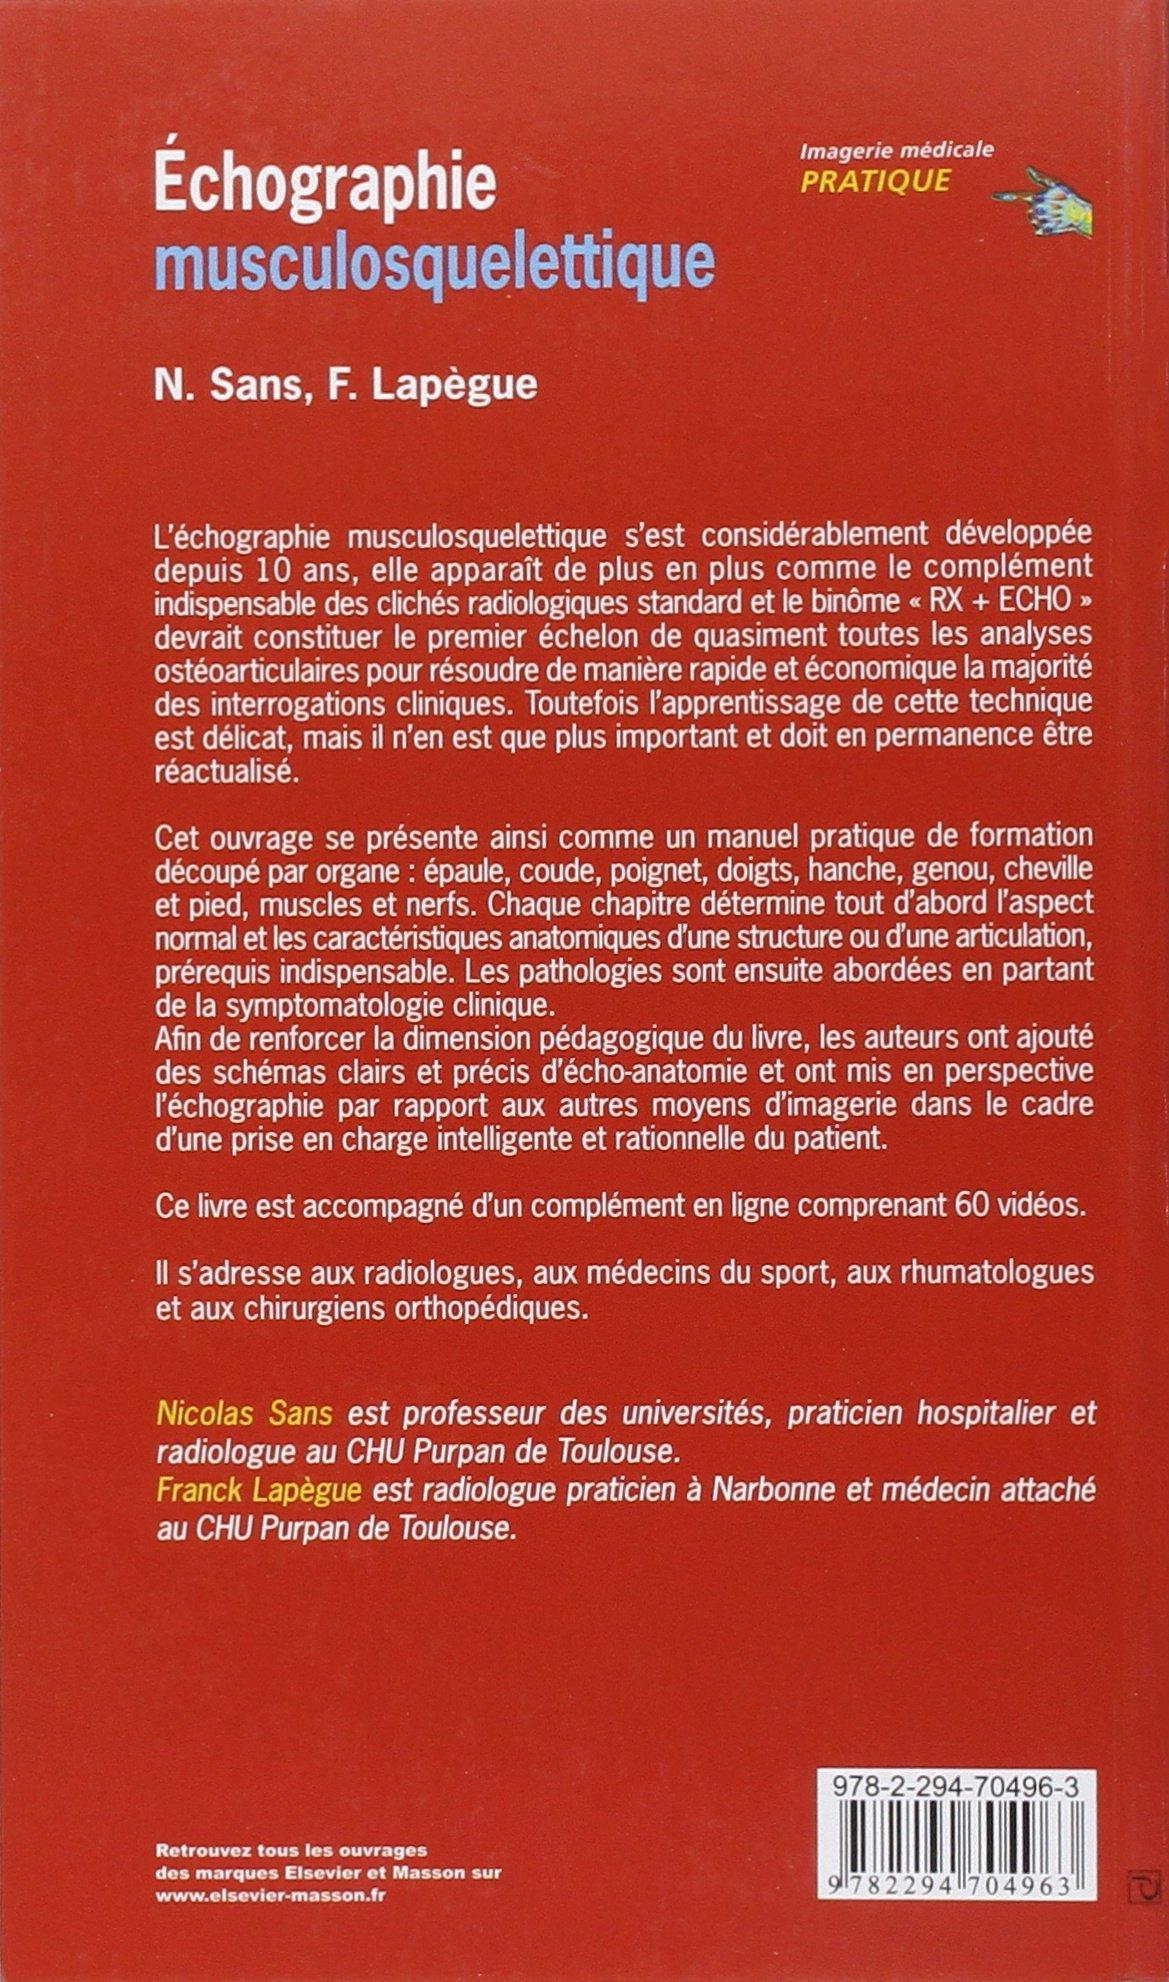 Echographie Musculosquelettique Imagerie Medicale Pratique Sans Nicolas Lapegue Franck 9782294704963 Amazon Com Books